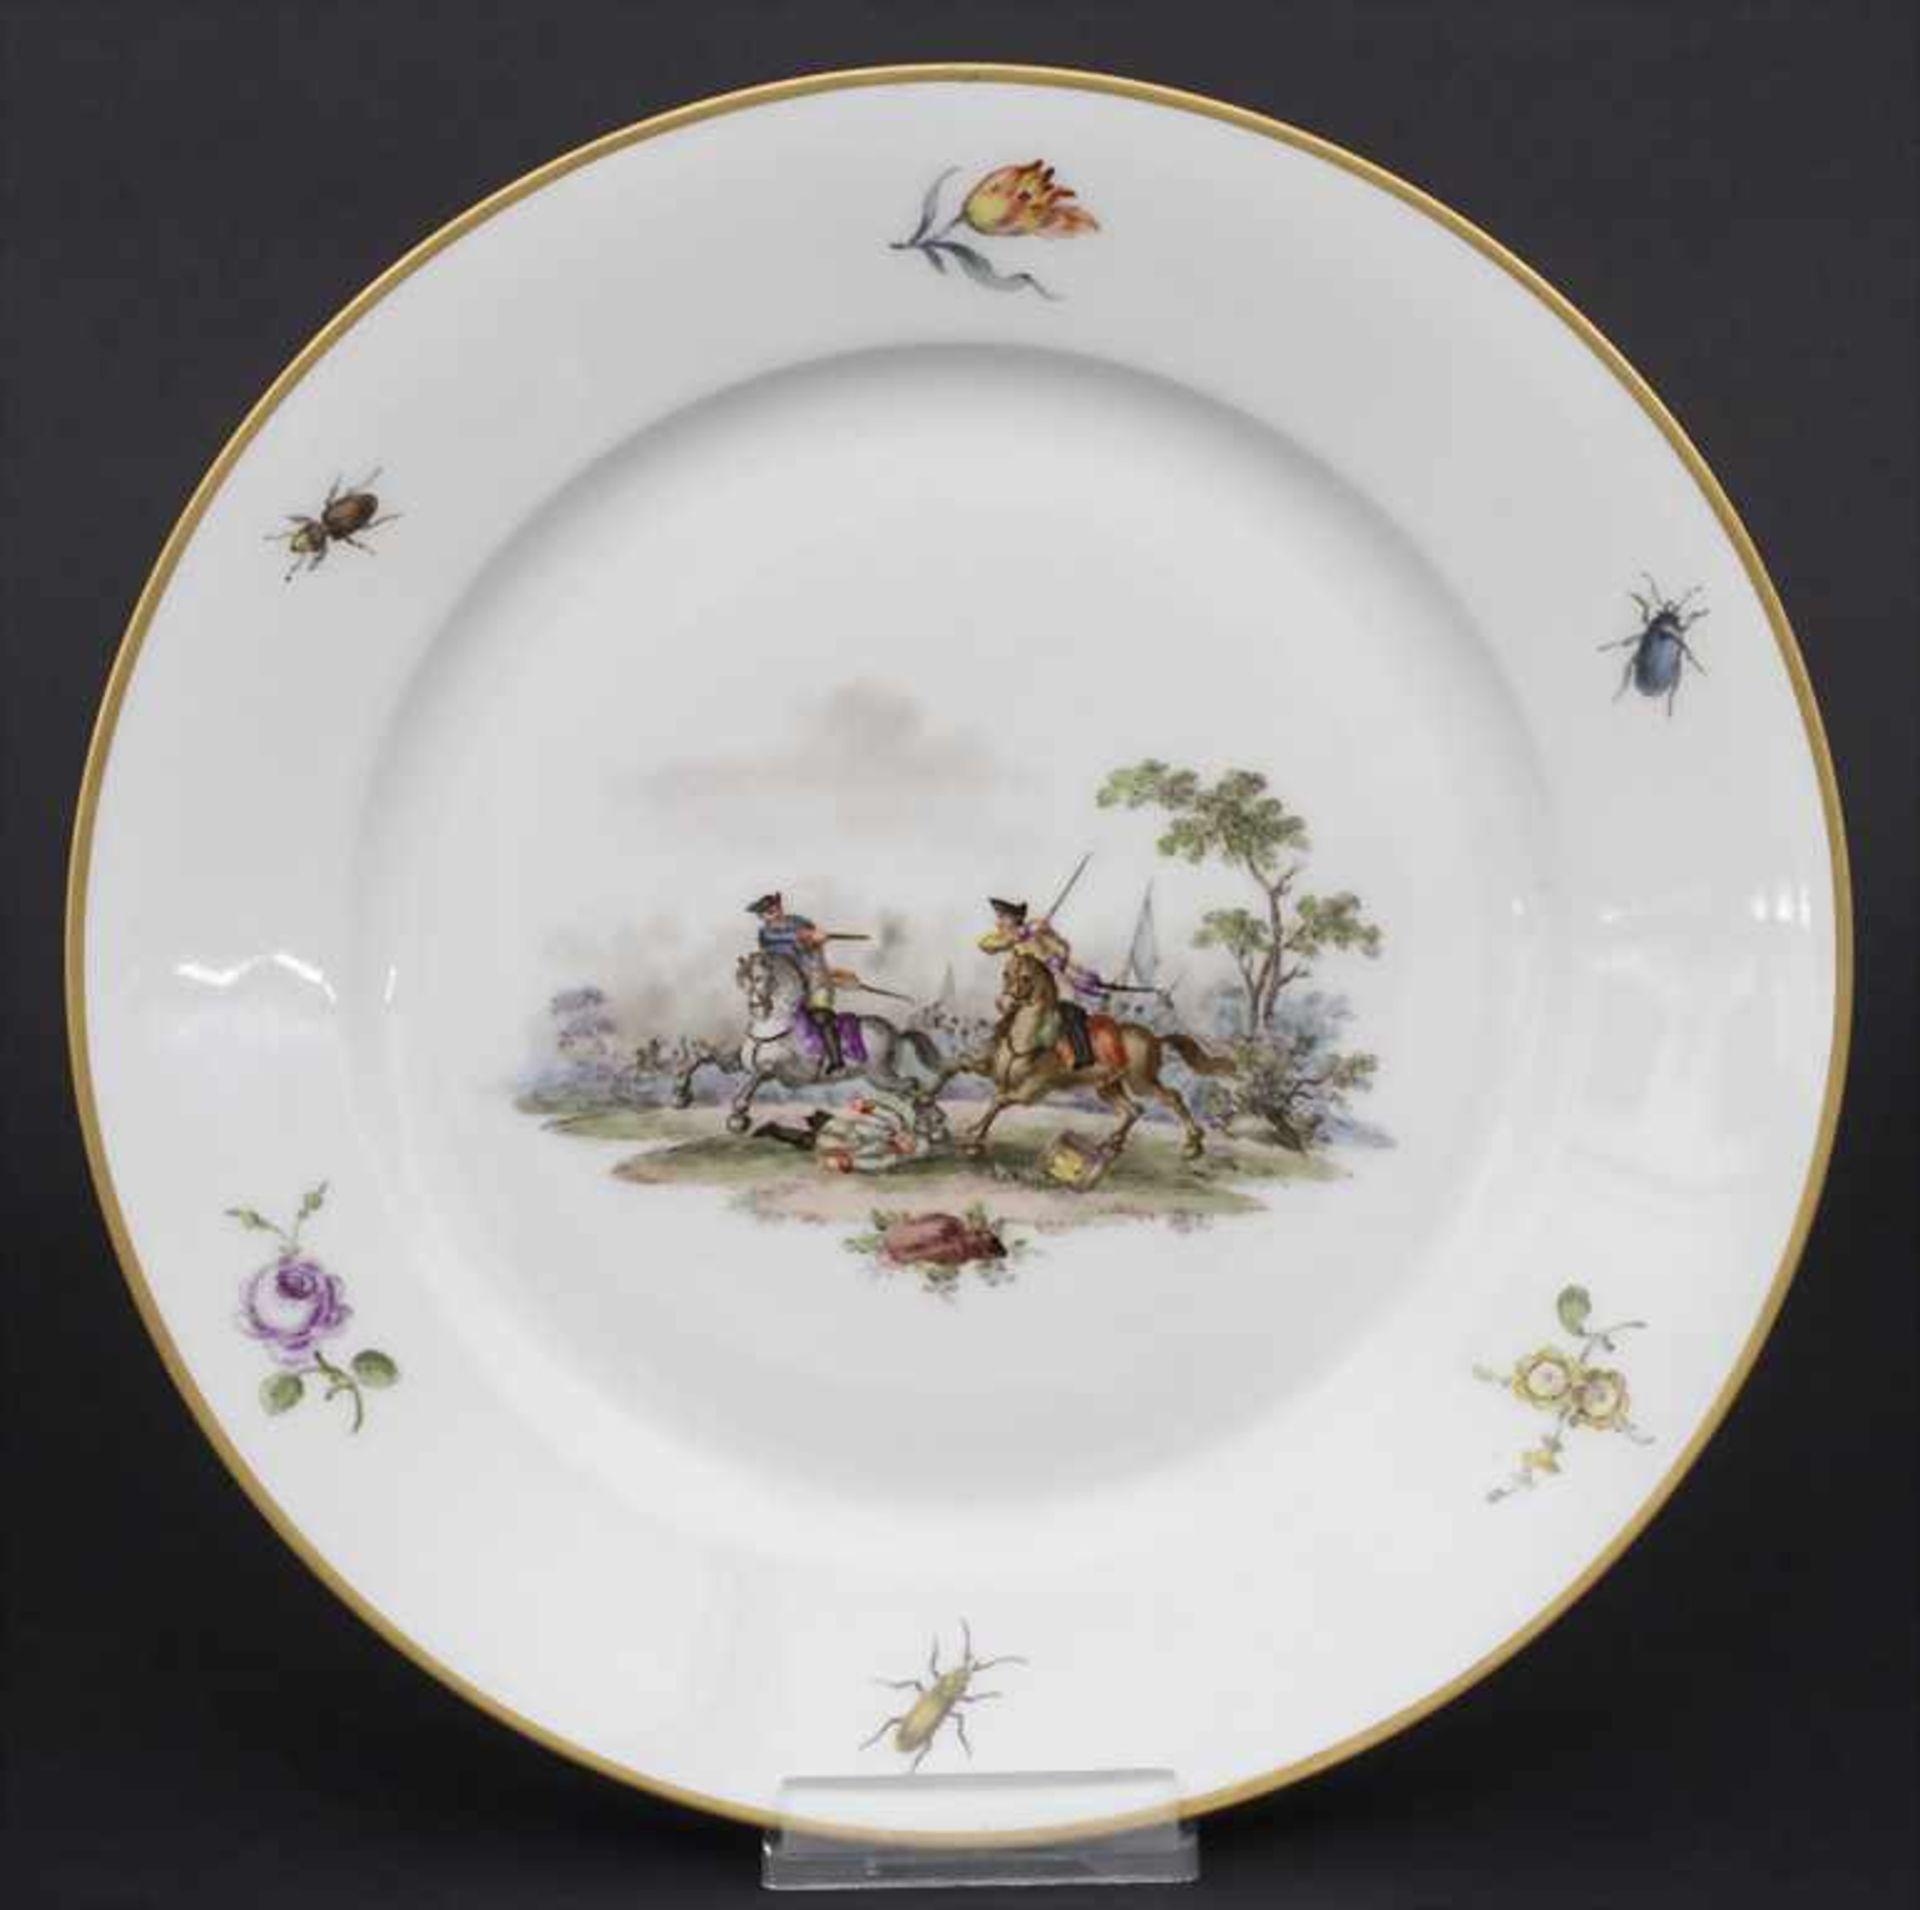 Paar Teller mit Schlachtenszenen / 2 plates with battle scenes, Sèvres, 1870 - Bild 11 aus 13